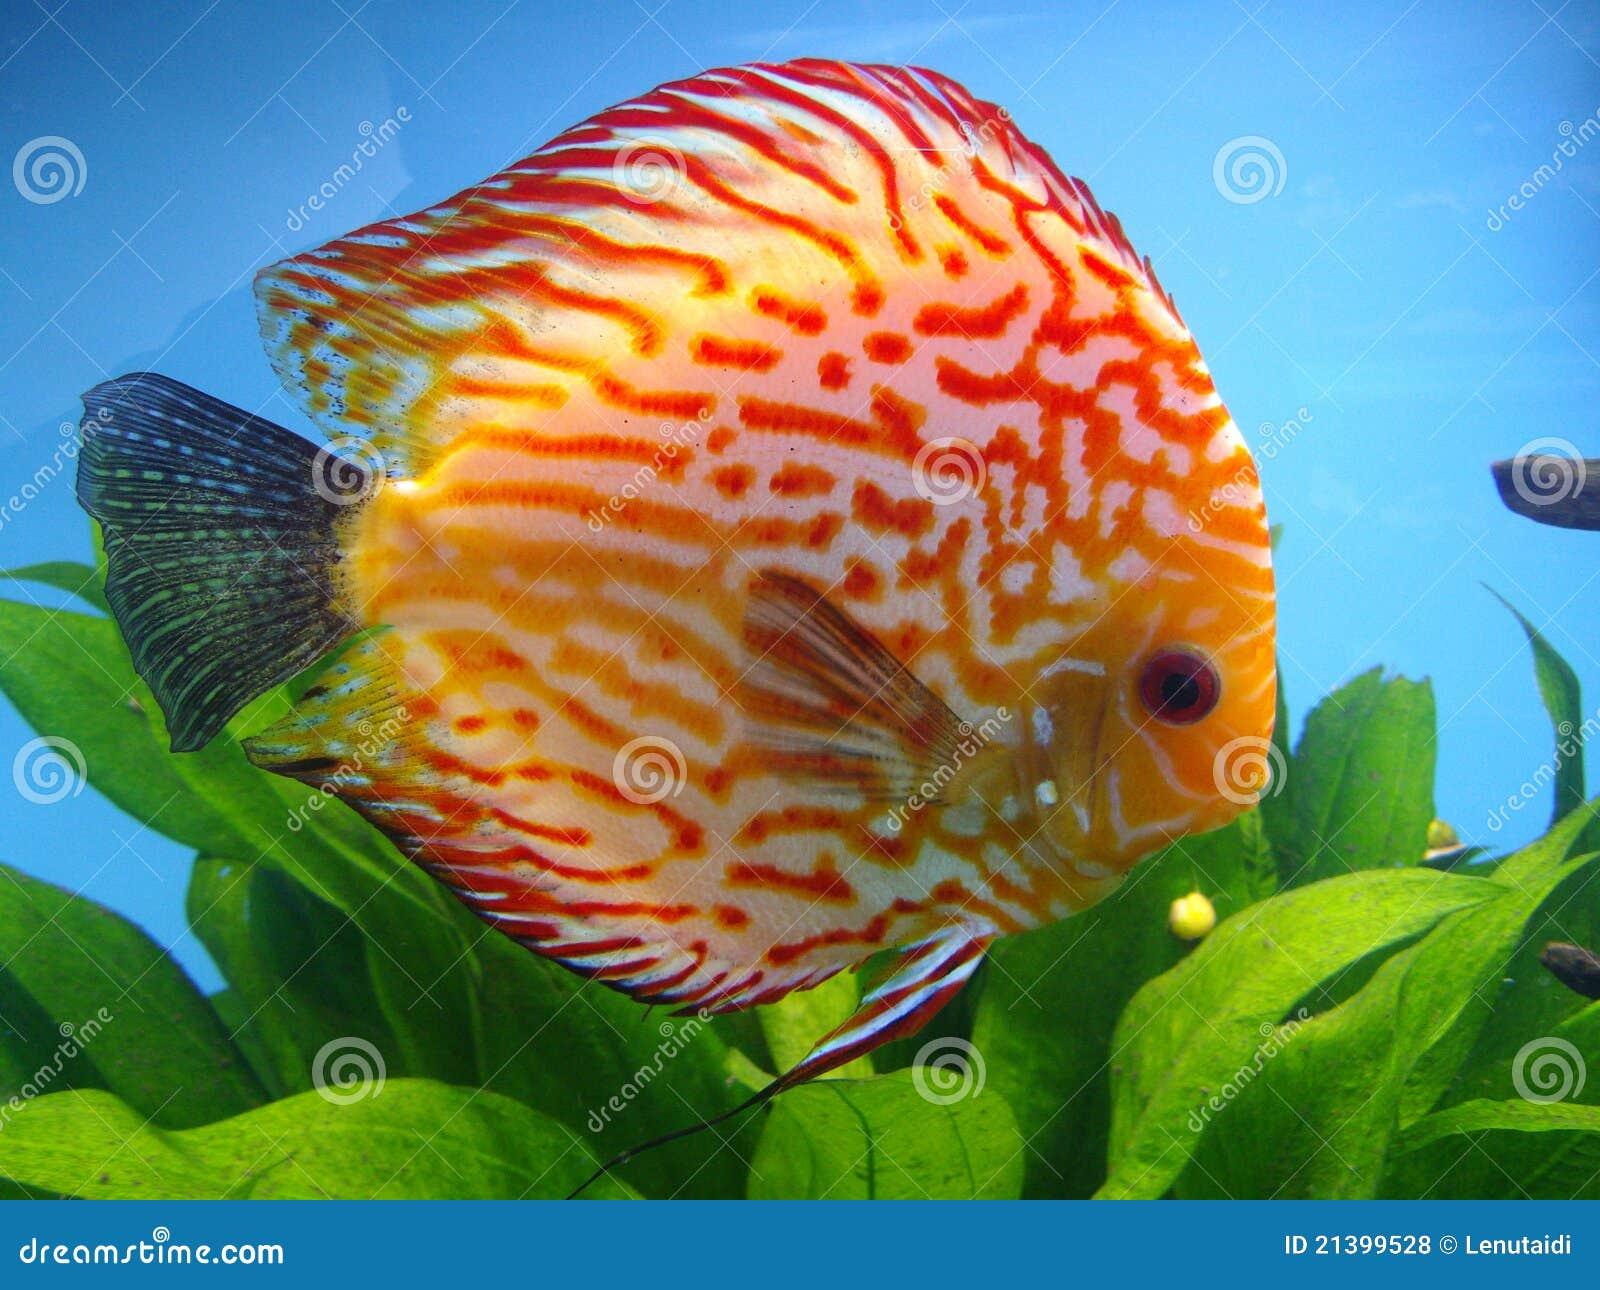 Exotische fische stockfoto bild von fische glas tief for Fische aquarium